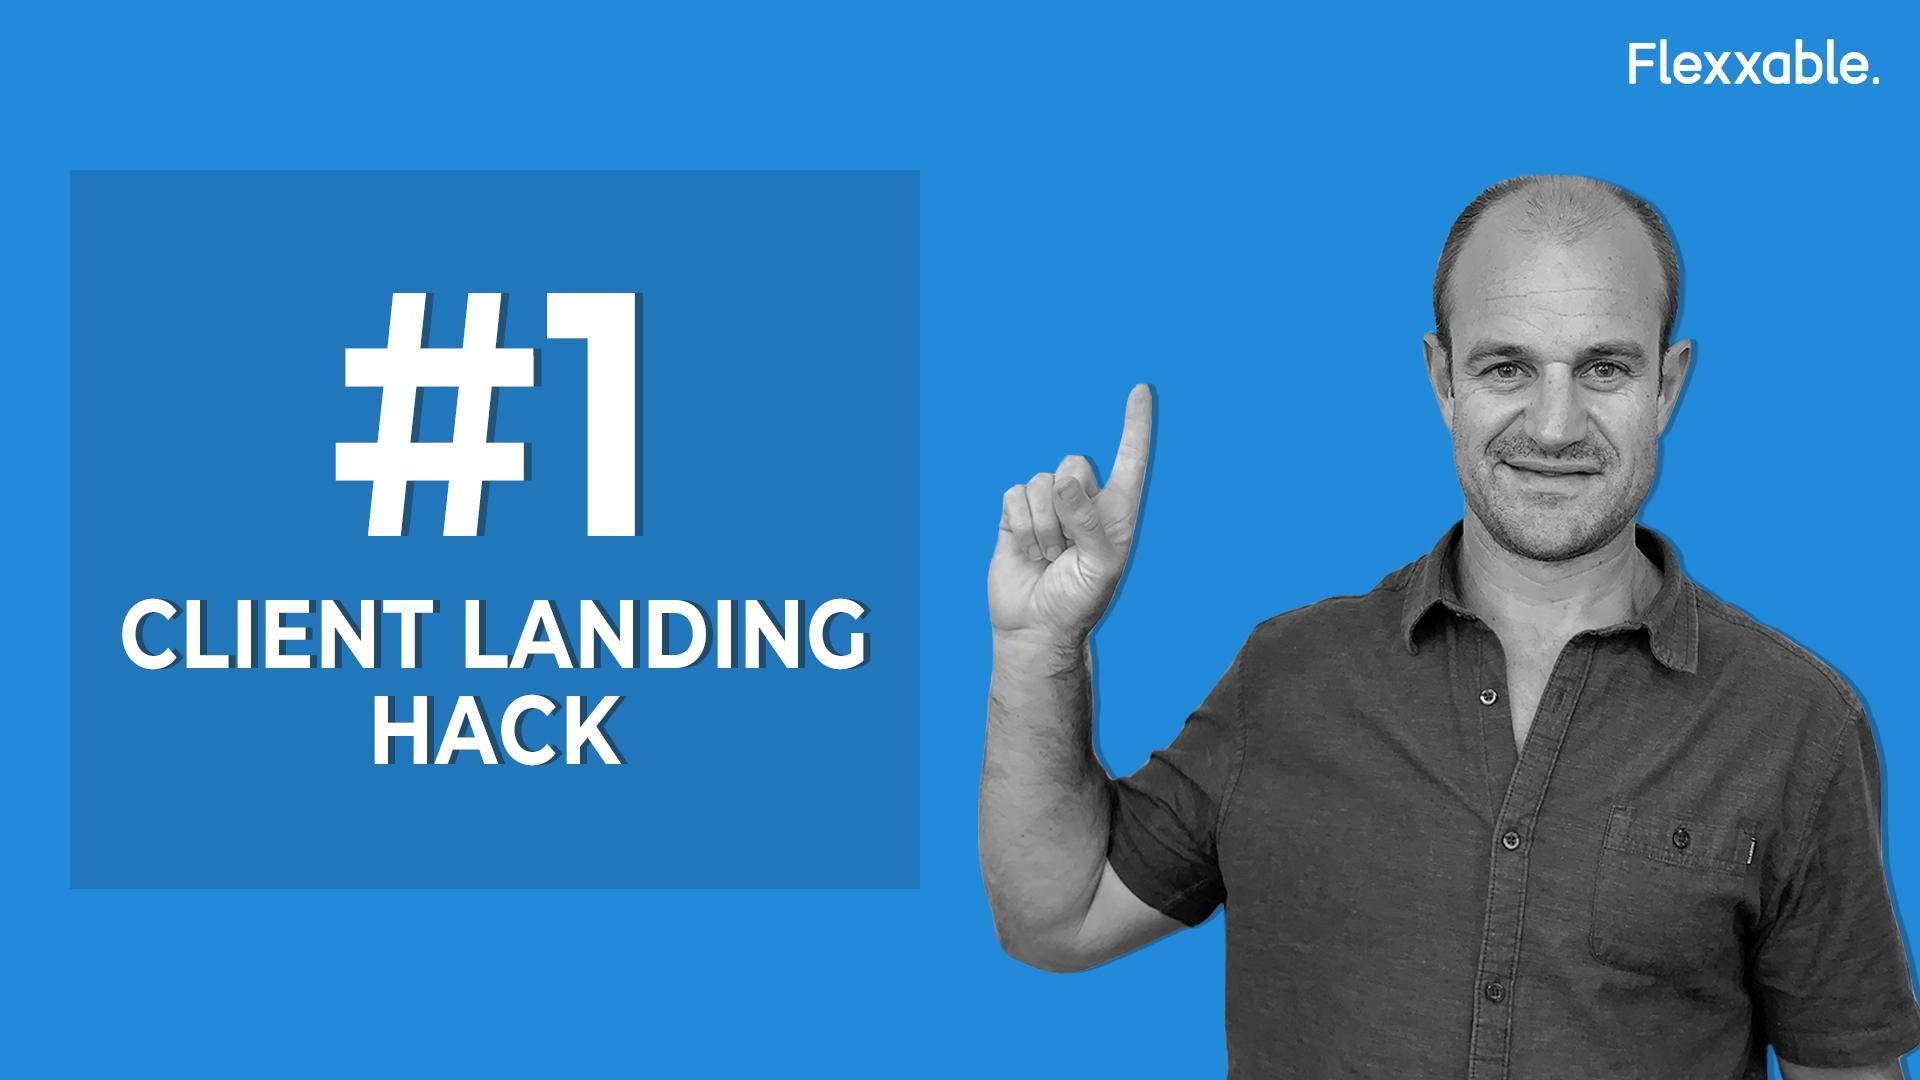 client landing hack